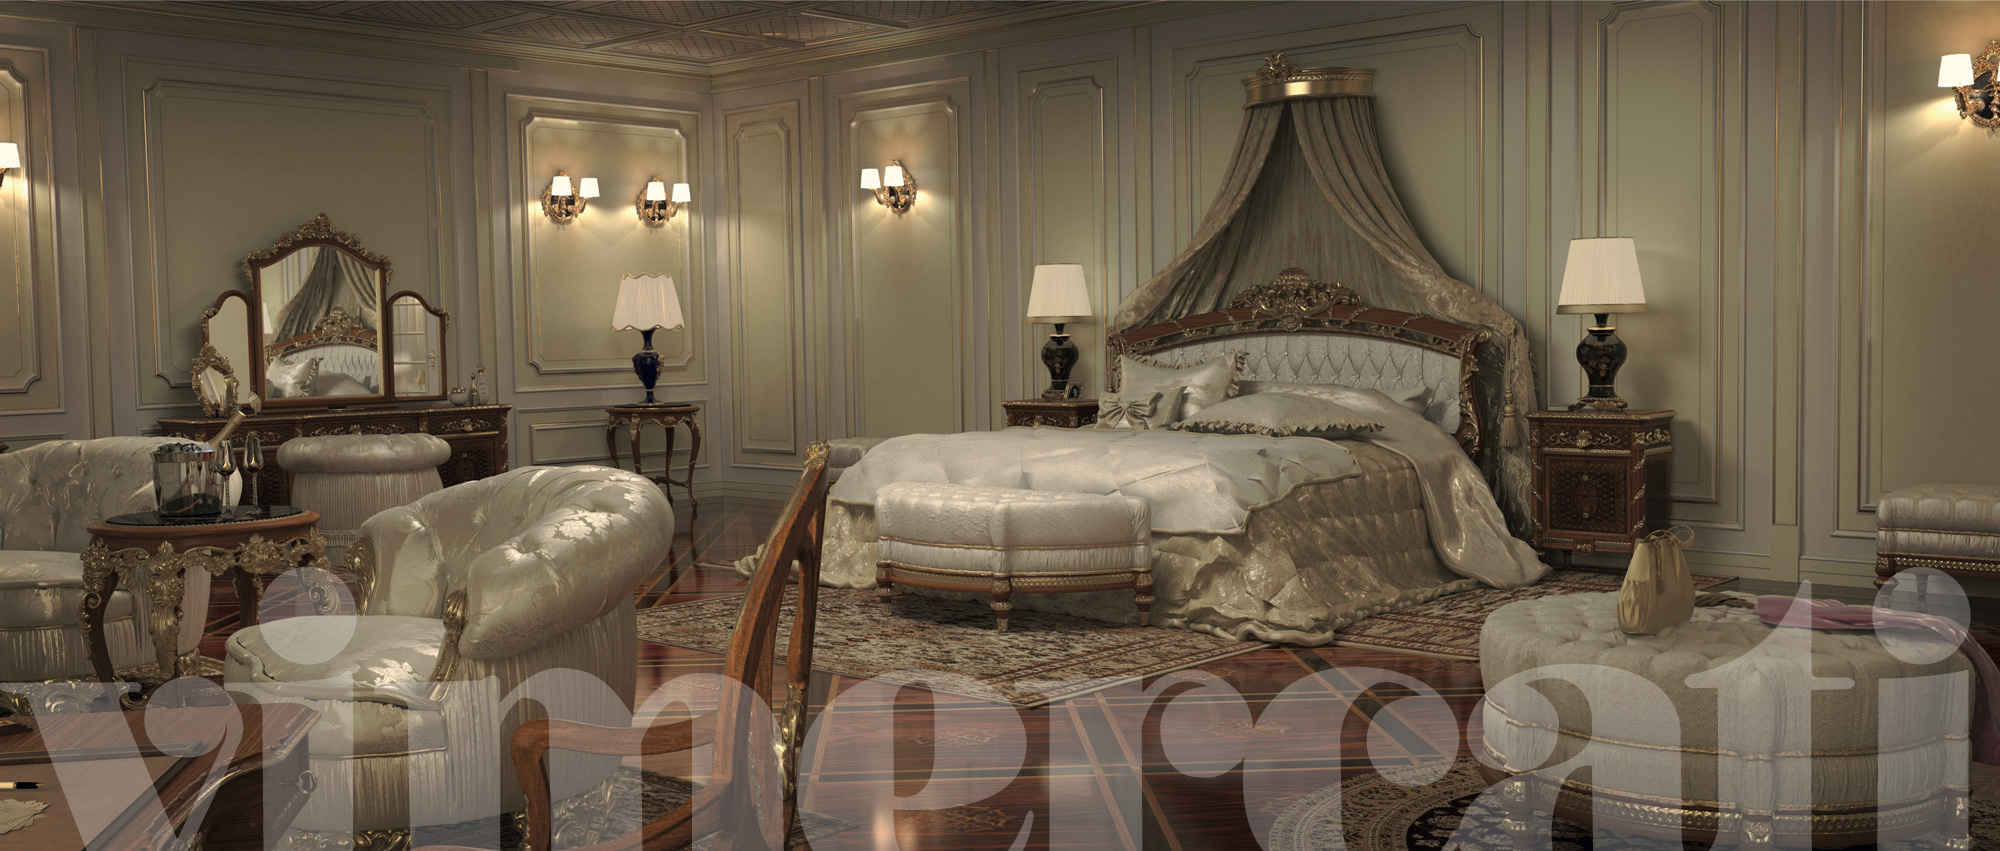 Arredamento classico ville mobili regali per una camera for Arredamento classico